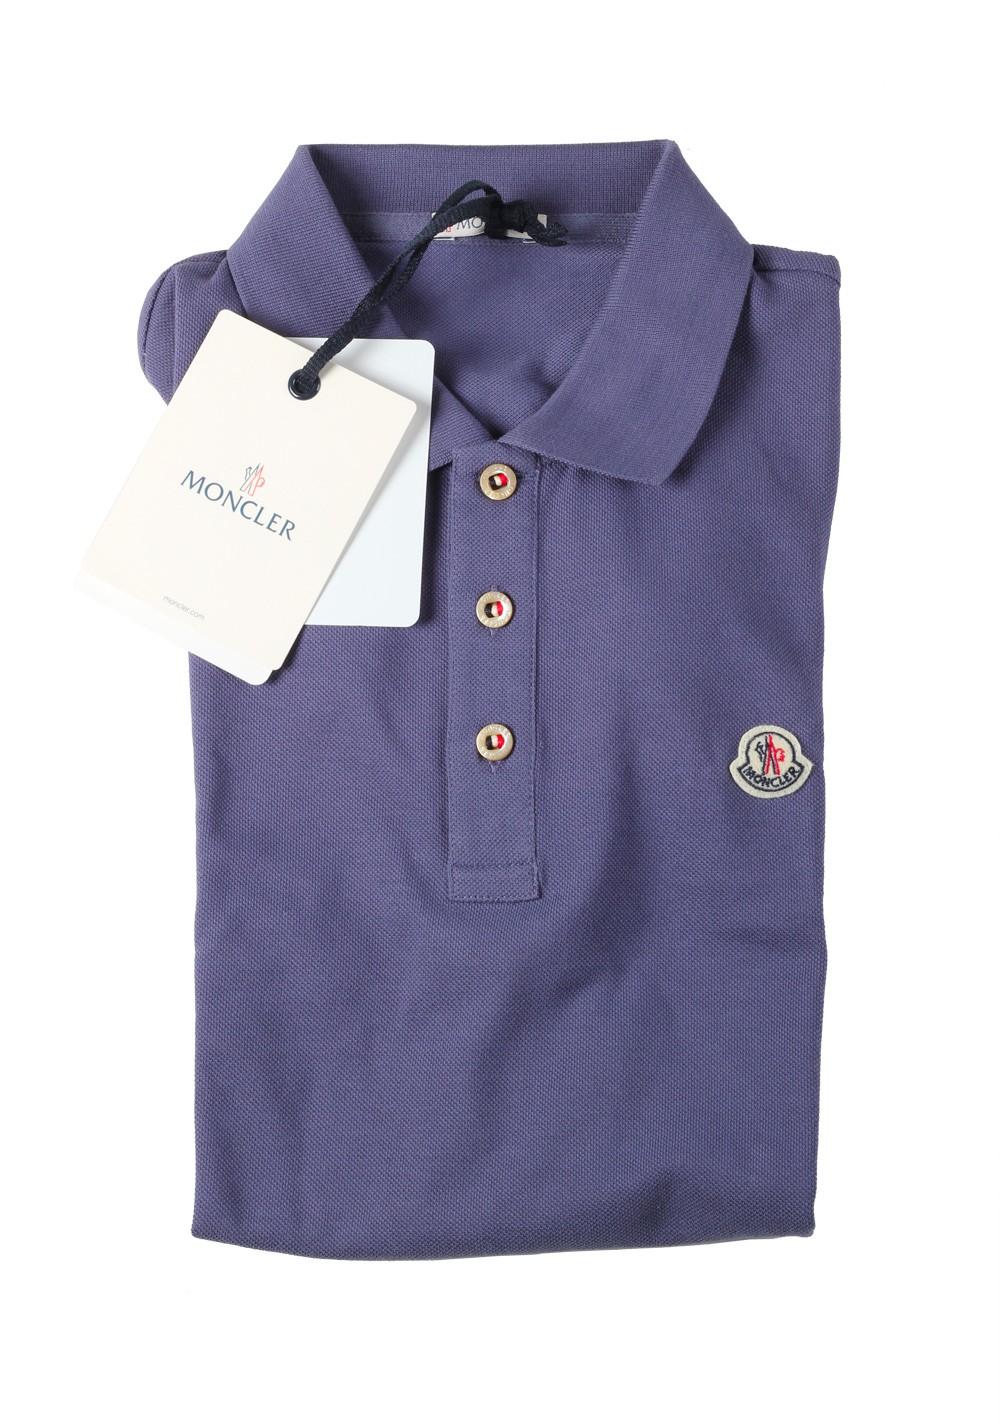 purple moncler t shirt